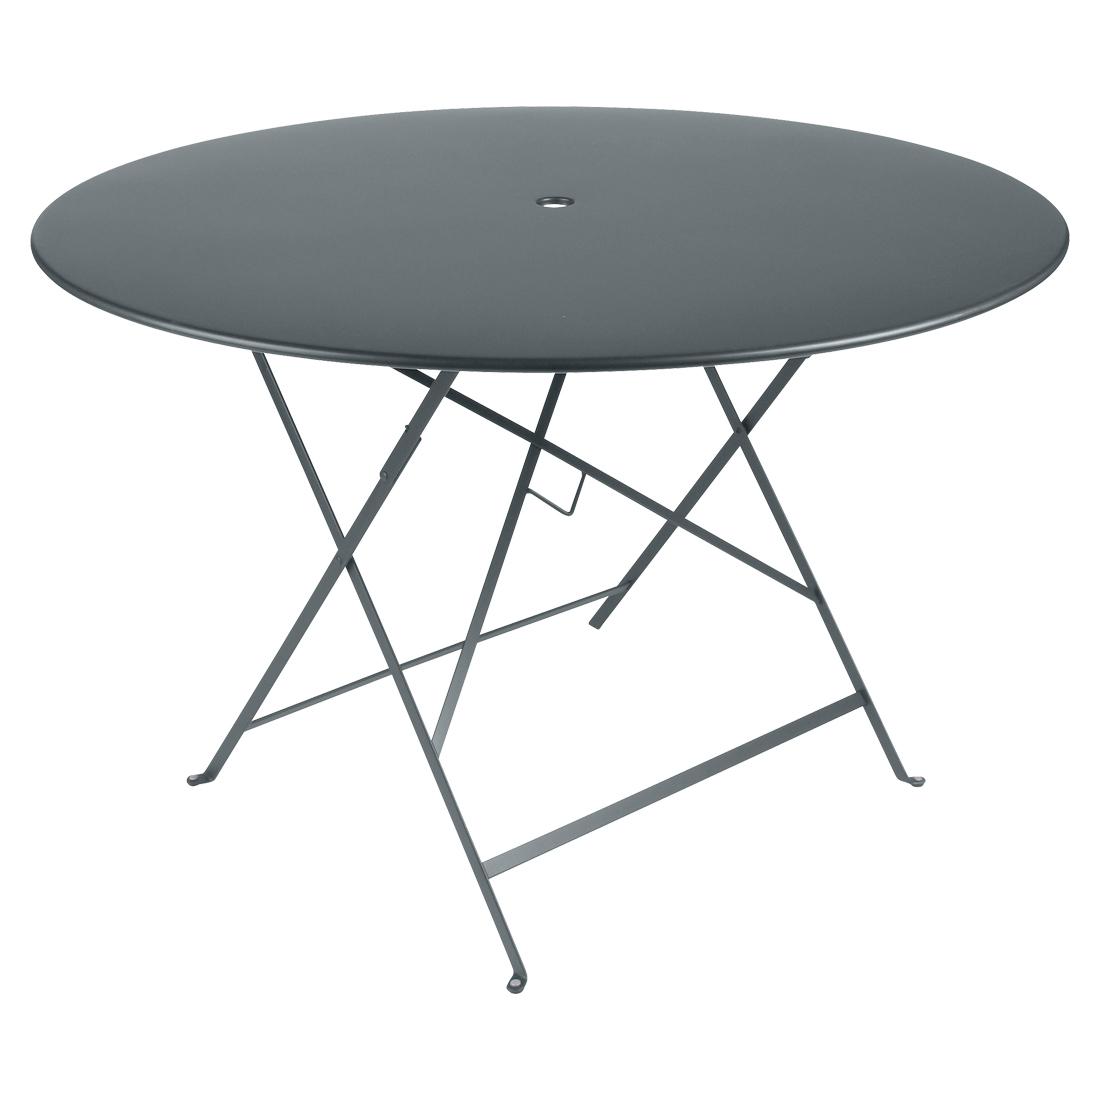 Fermob Tisch Bistro Rund Gewittergrau 26 ø 117 cm